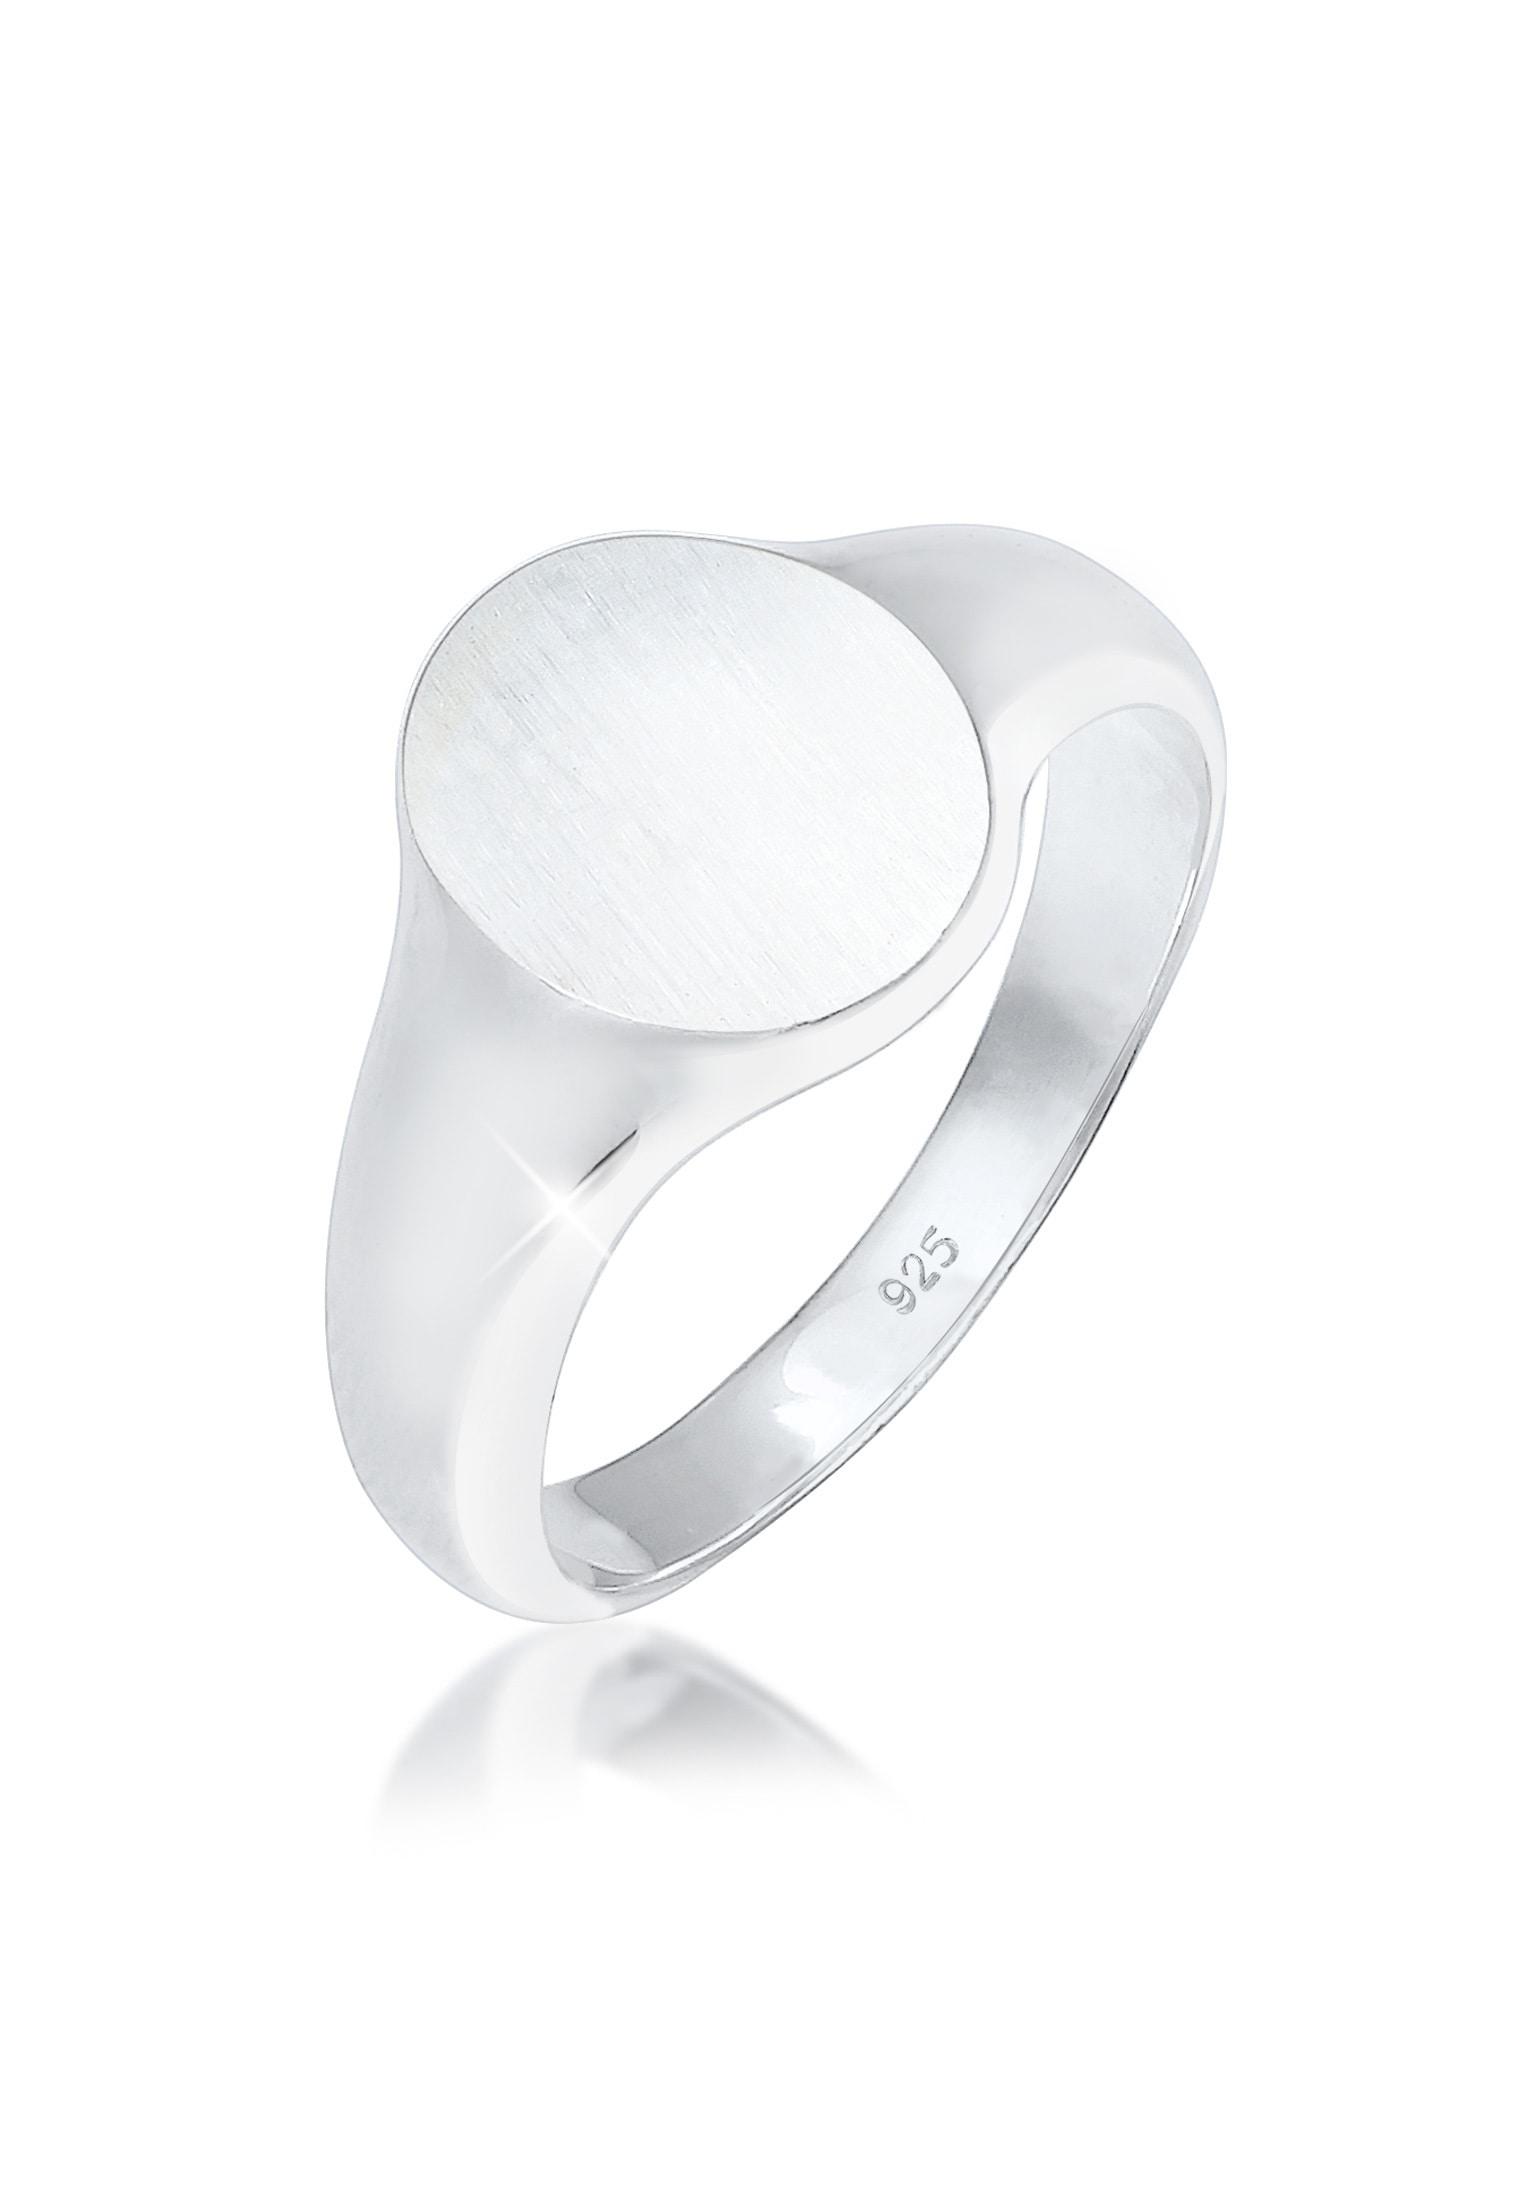 Kuzzoi Silberring Herren Siegelring Matt Basic Cool 925er Silber | Schmuck > Ringe > Silberringe | Kuzzoi